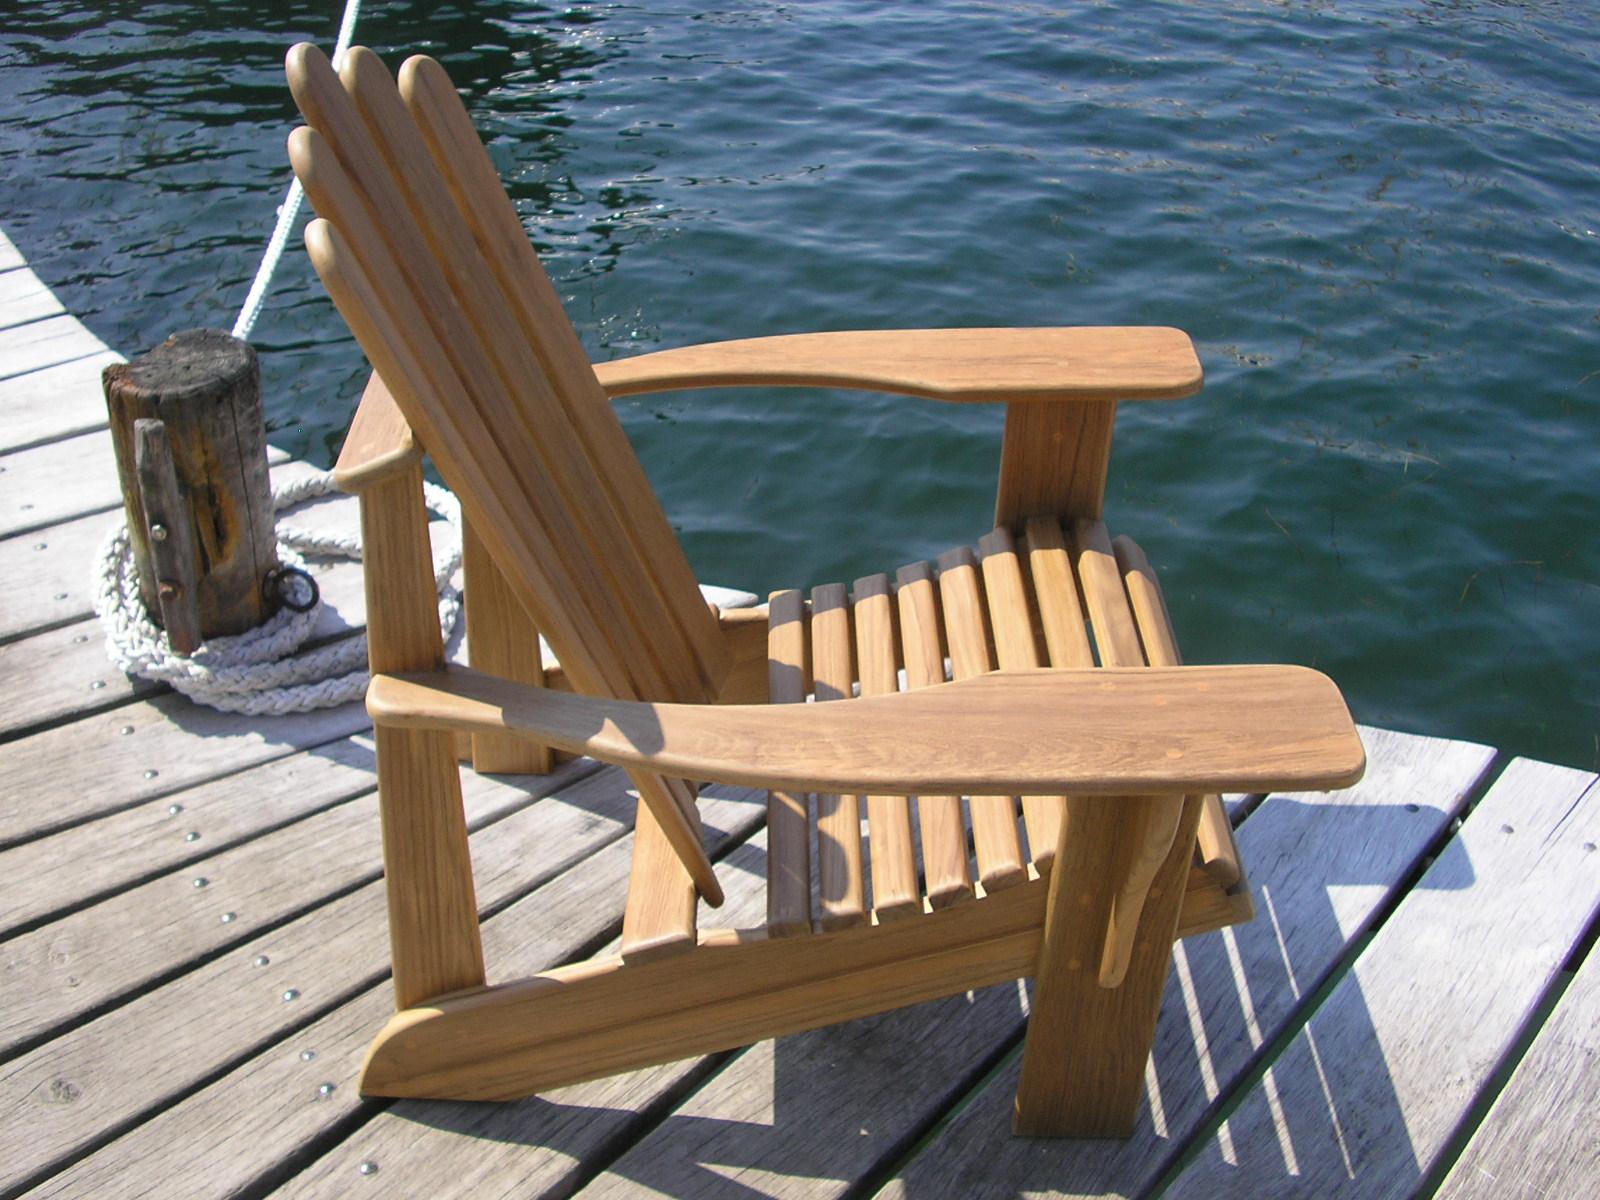 Co Op Garden Furniture Garden chair walsteds bdevrft as garden chair workwithnaturefo